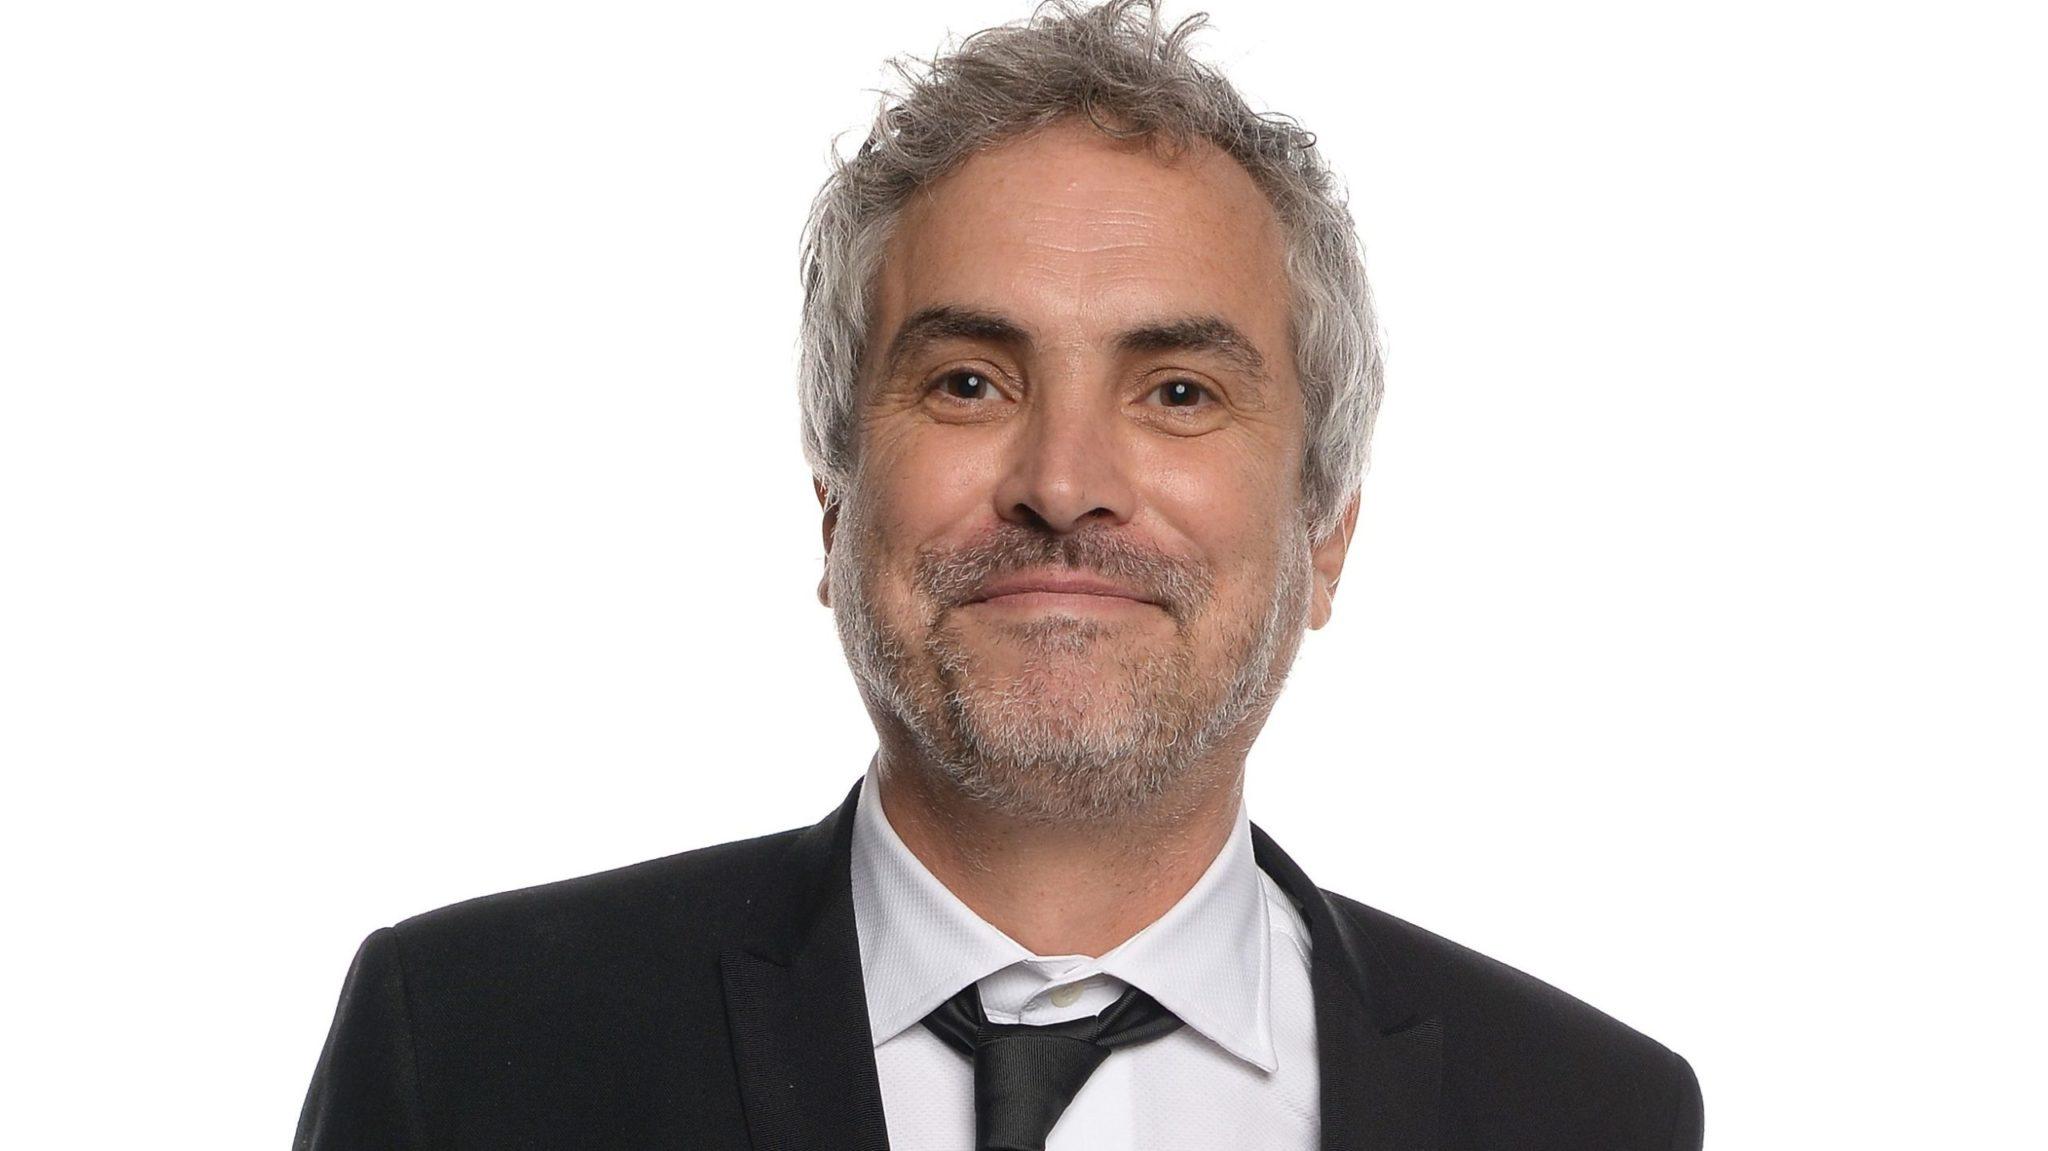 Alfonso Cuarón, conocido director mexicano por películas como 'Gravity', ganadora de 7 premios de la Academia, 'Y tu Mamá También' y 'Harry Potter y el prisionero de Azkaban', será honrado en el MoMA de Nueva York.